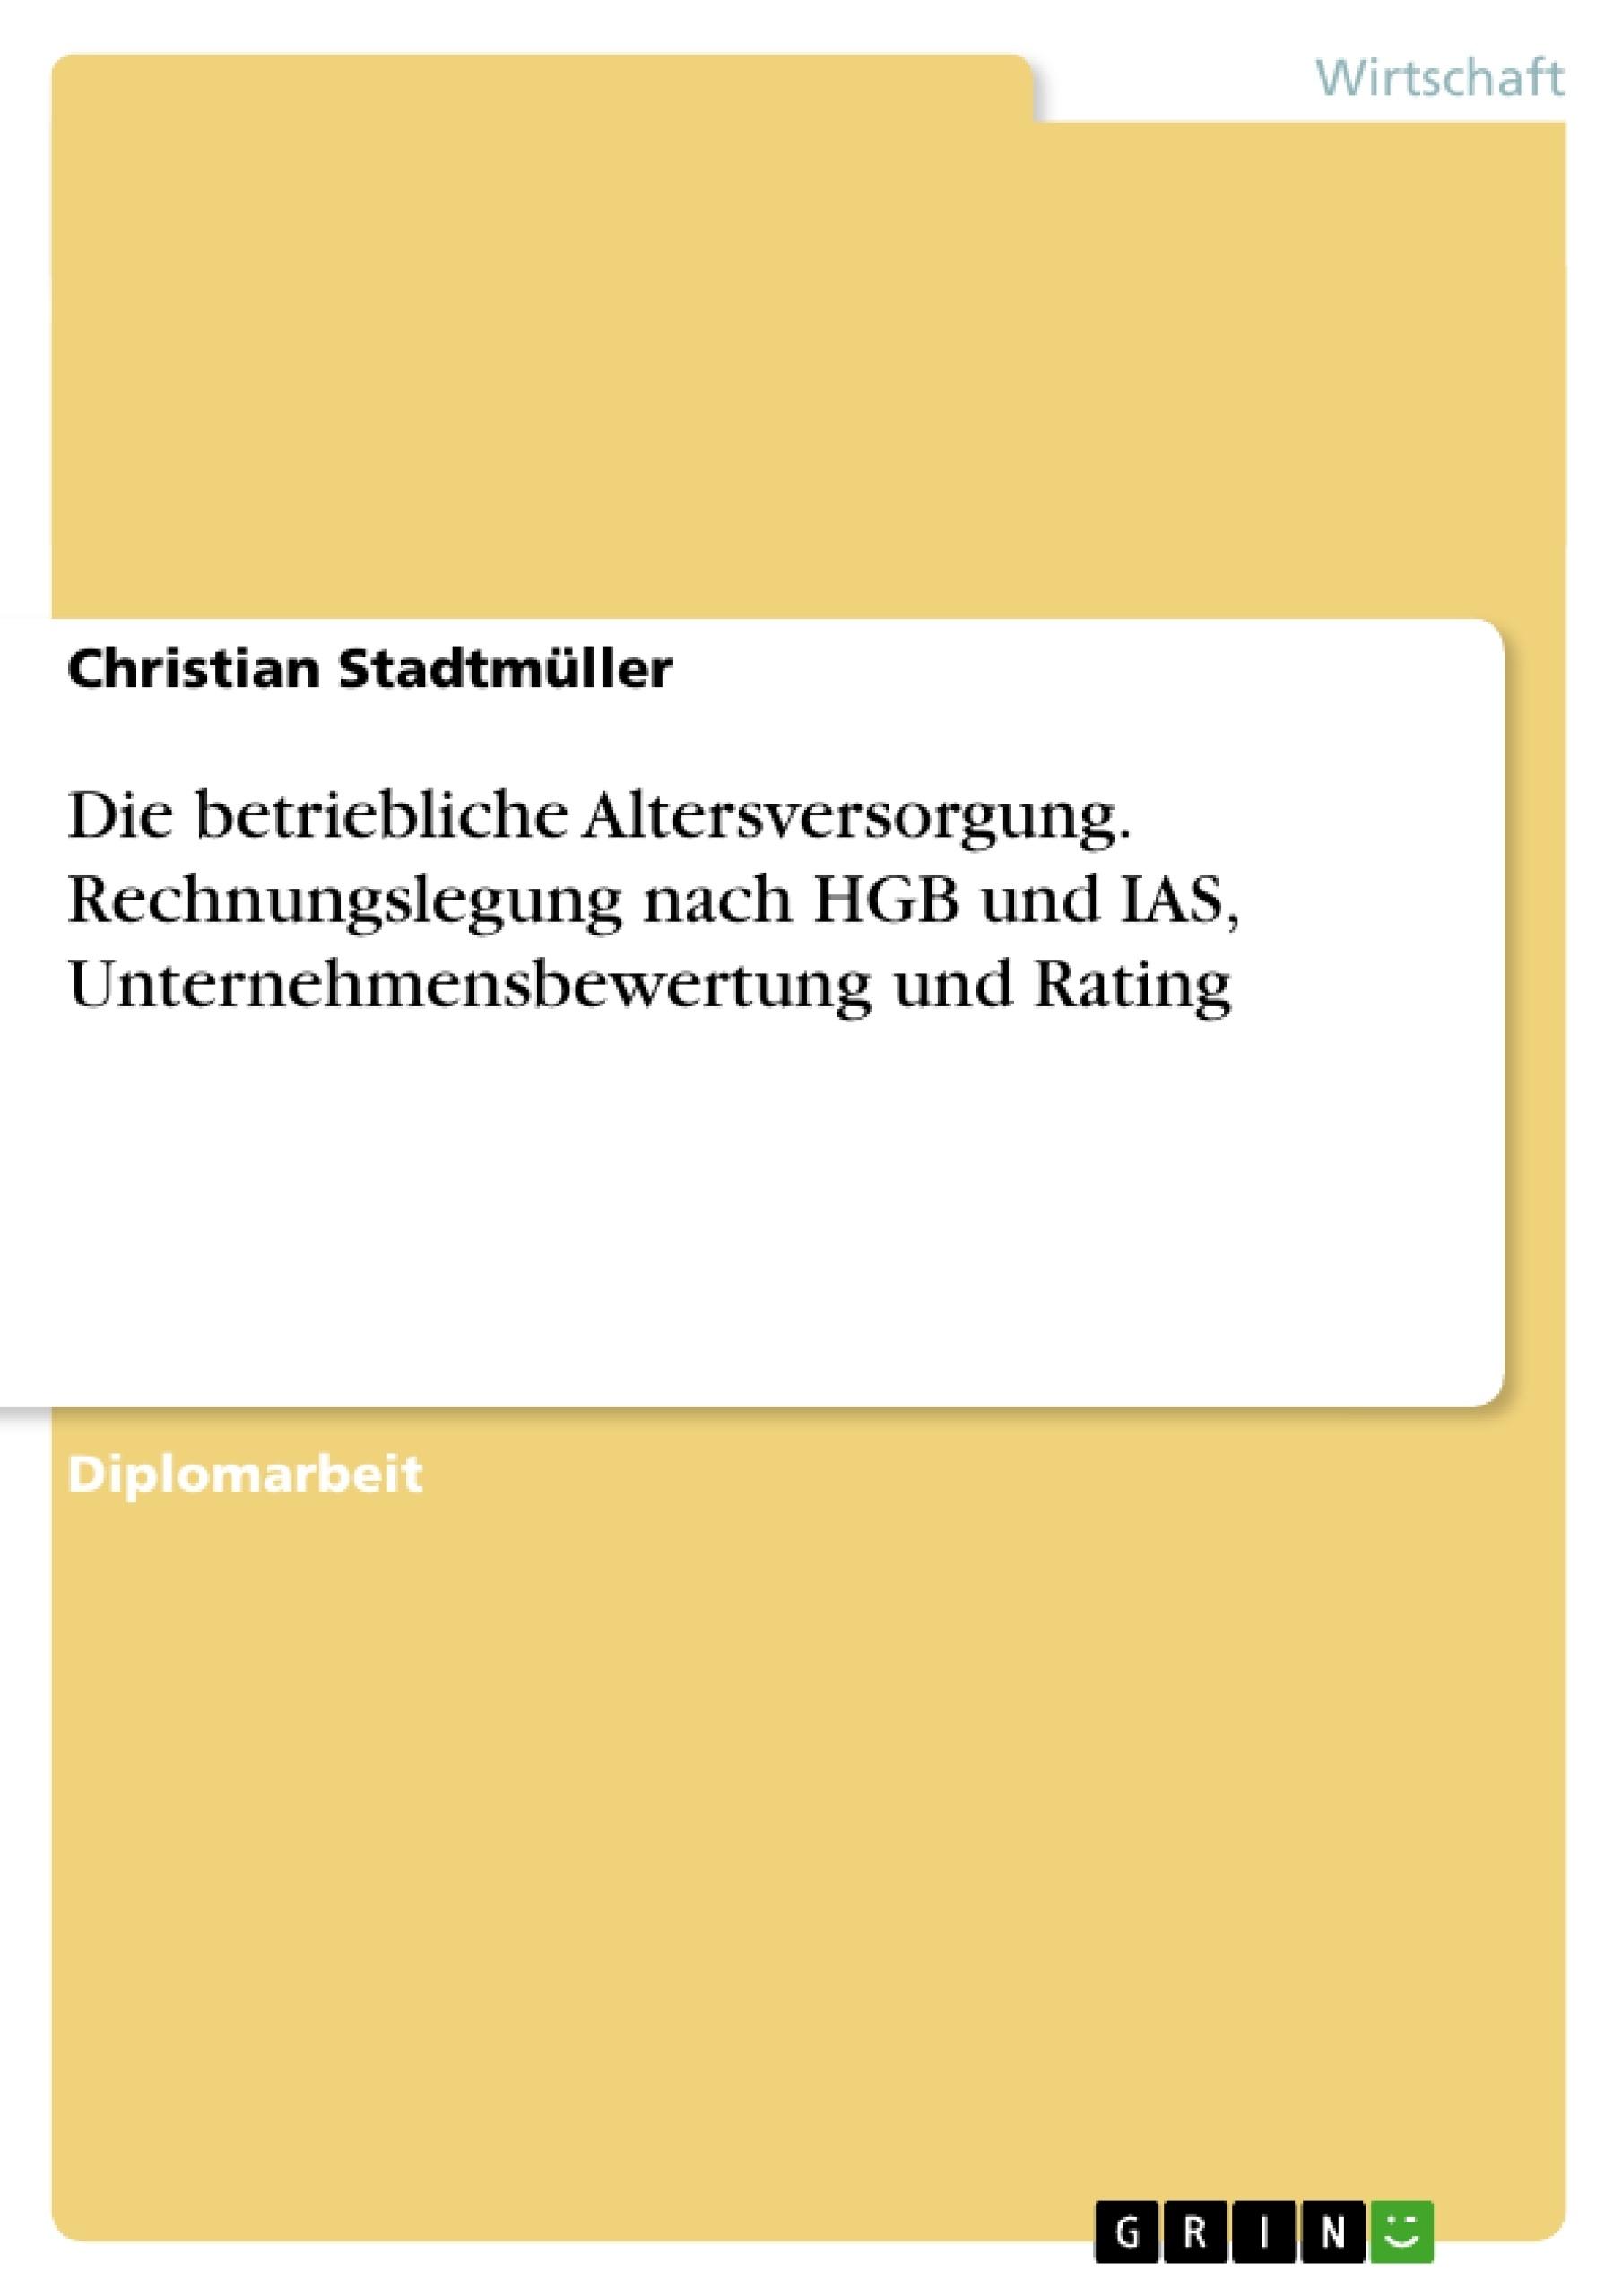 Titel: Die betriebliche Altersversorgung. Rechnungslegung nach HGB und IAS, Unternehmensbewertung und Rating